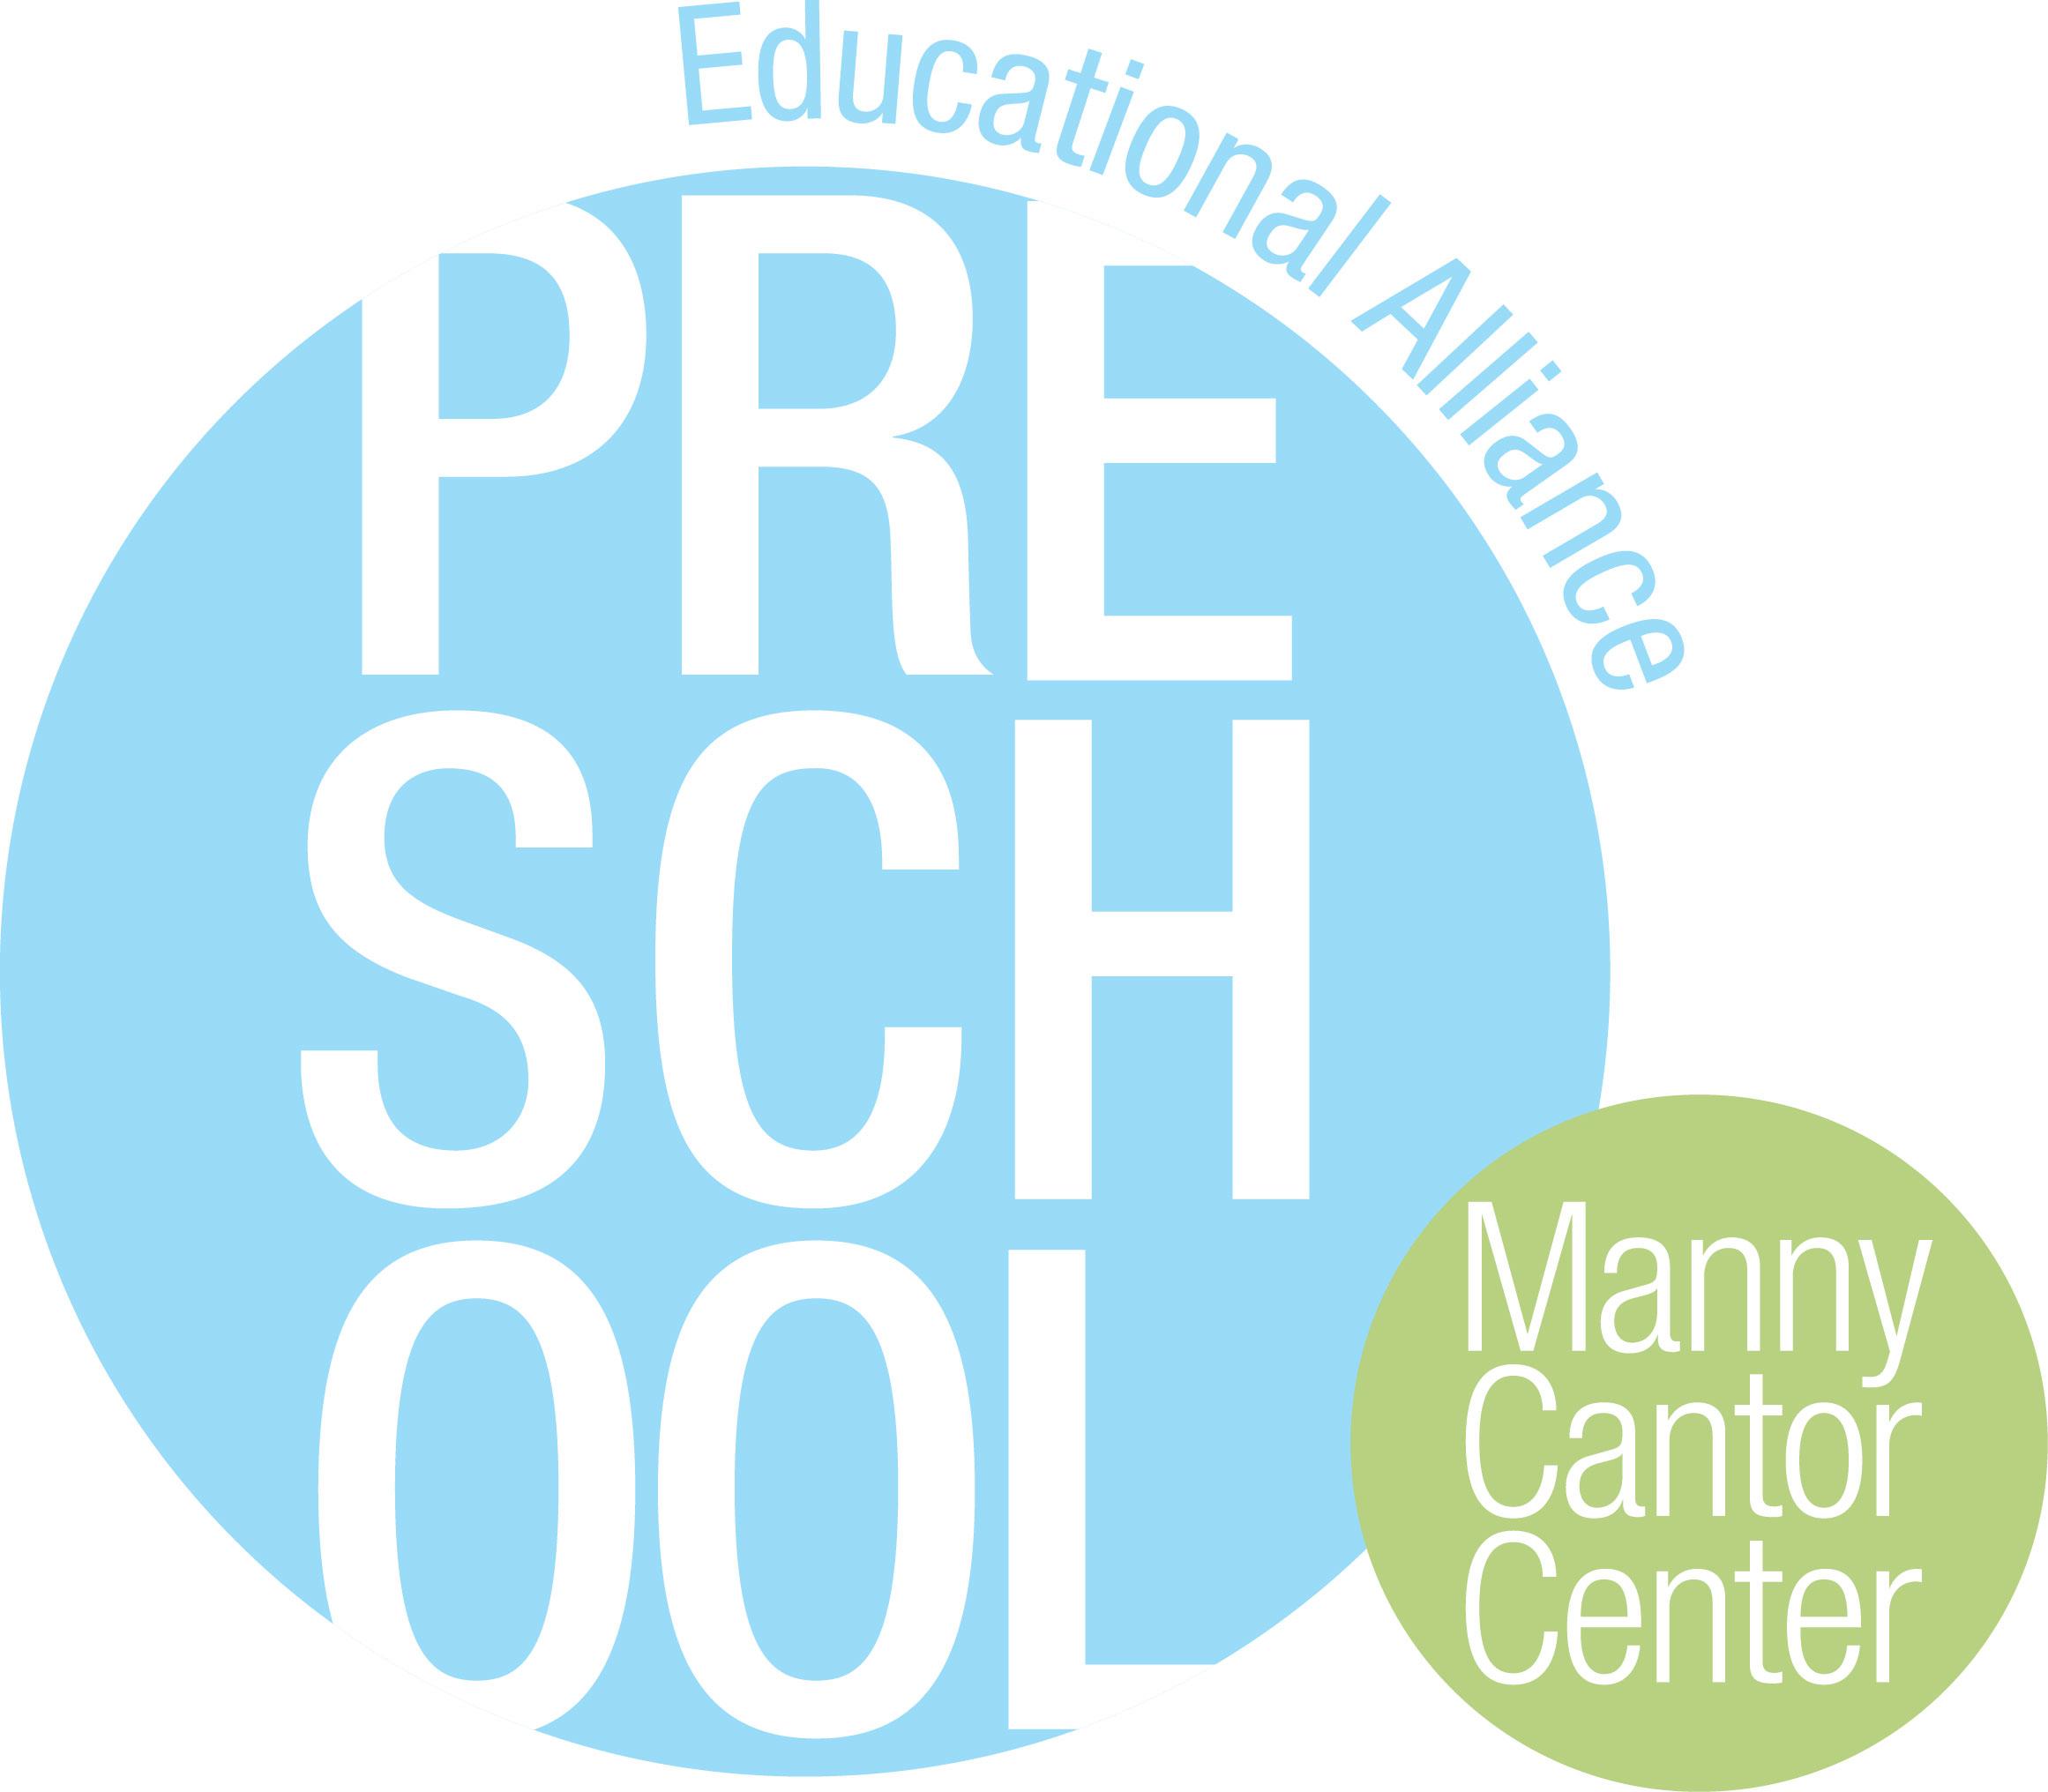 Preschool_Logo_9.8.jpg